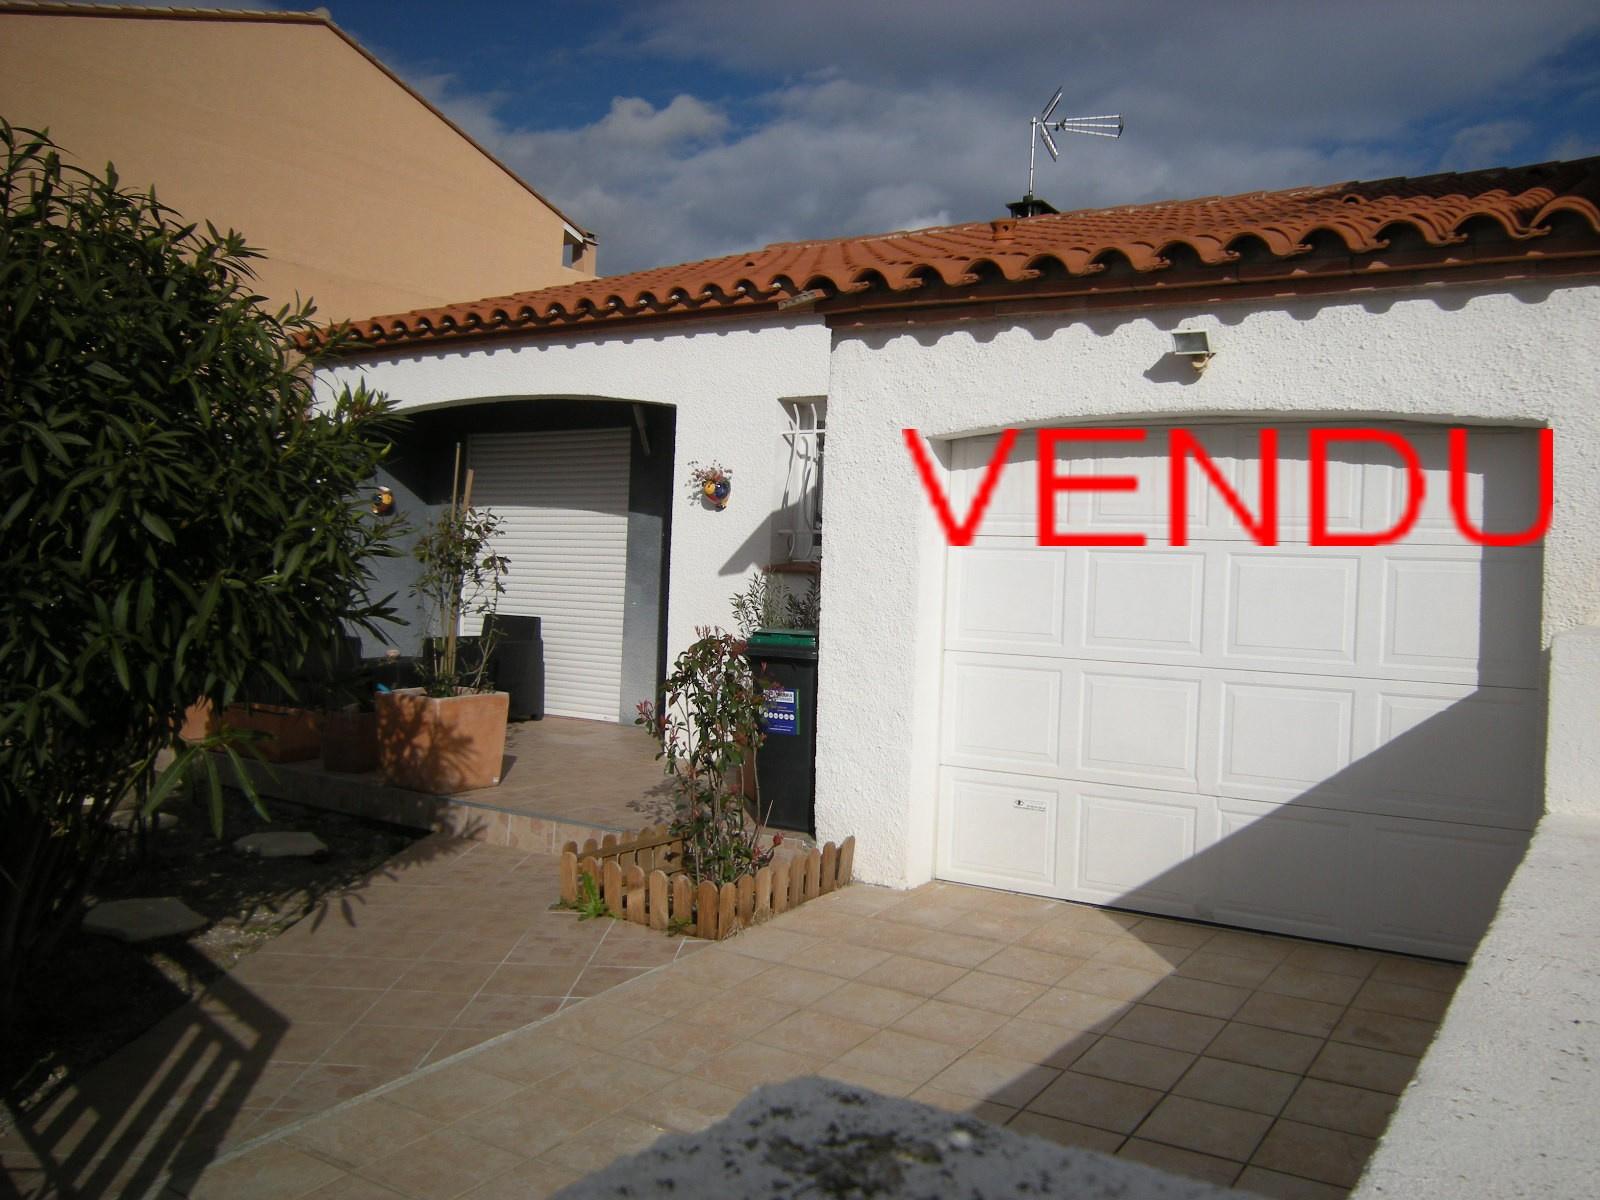 Vente appartements et maisons sur st gauderique perpignan - Jardin maison contemporaine perpignan ...